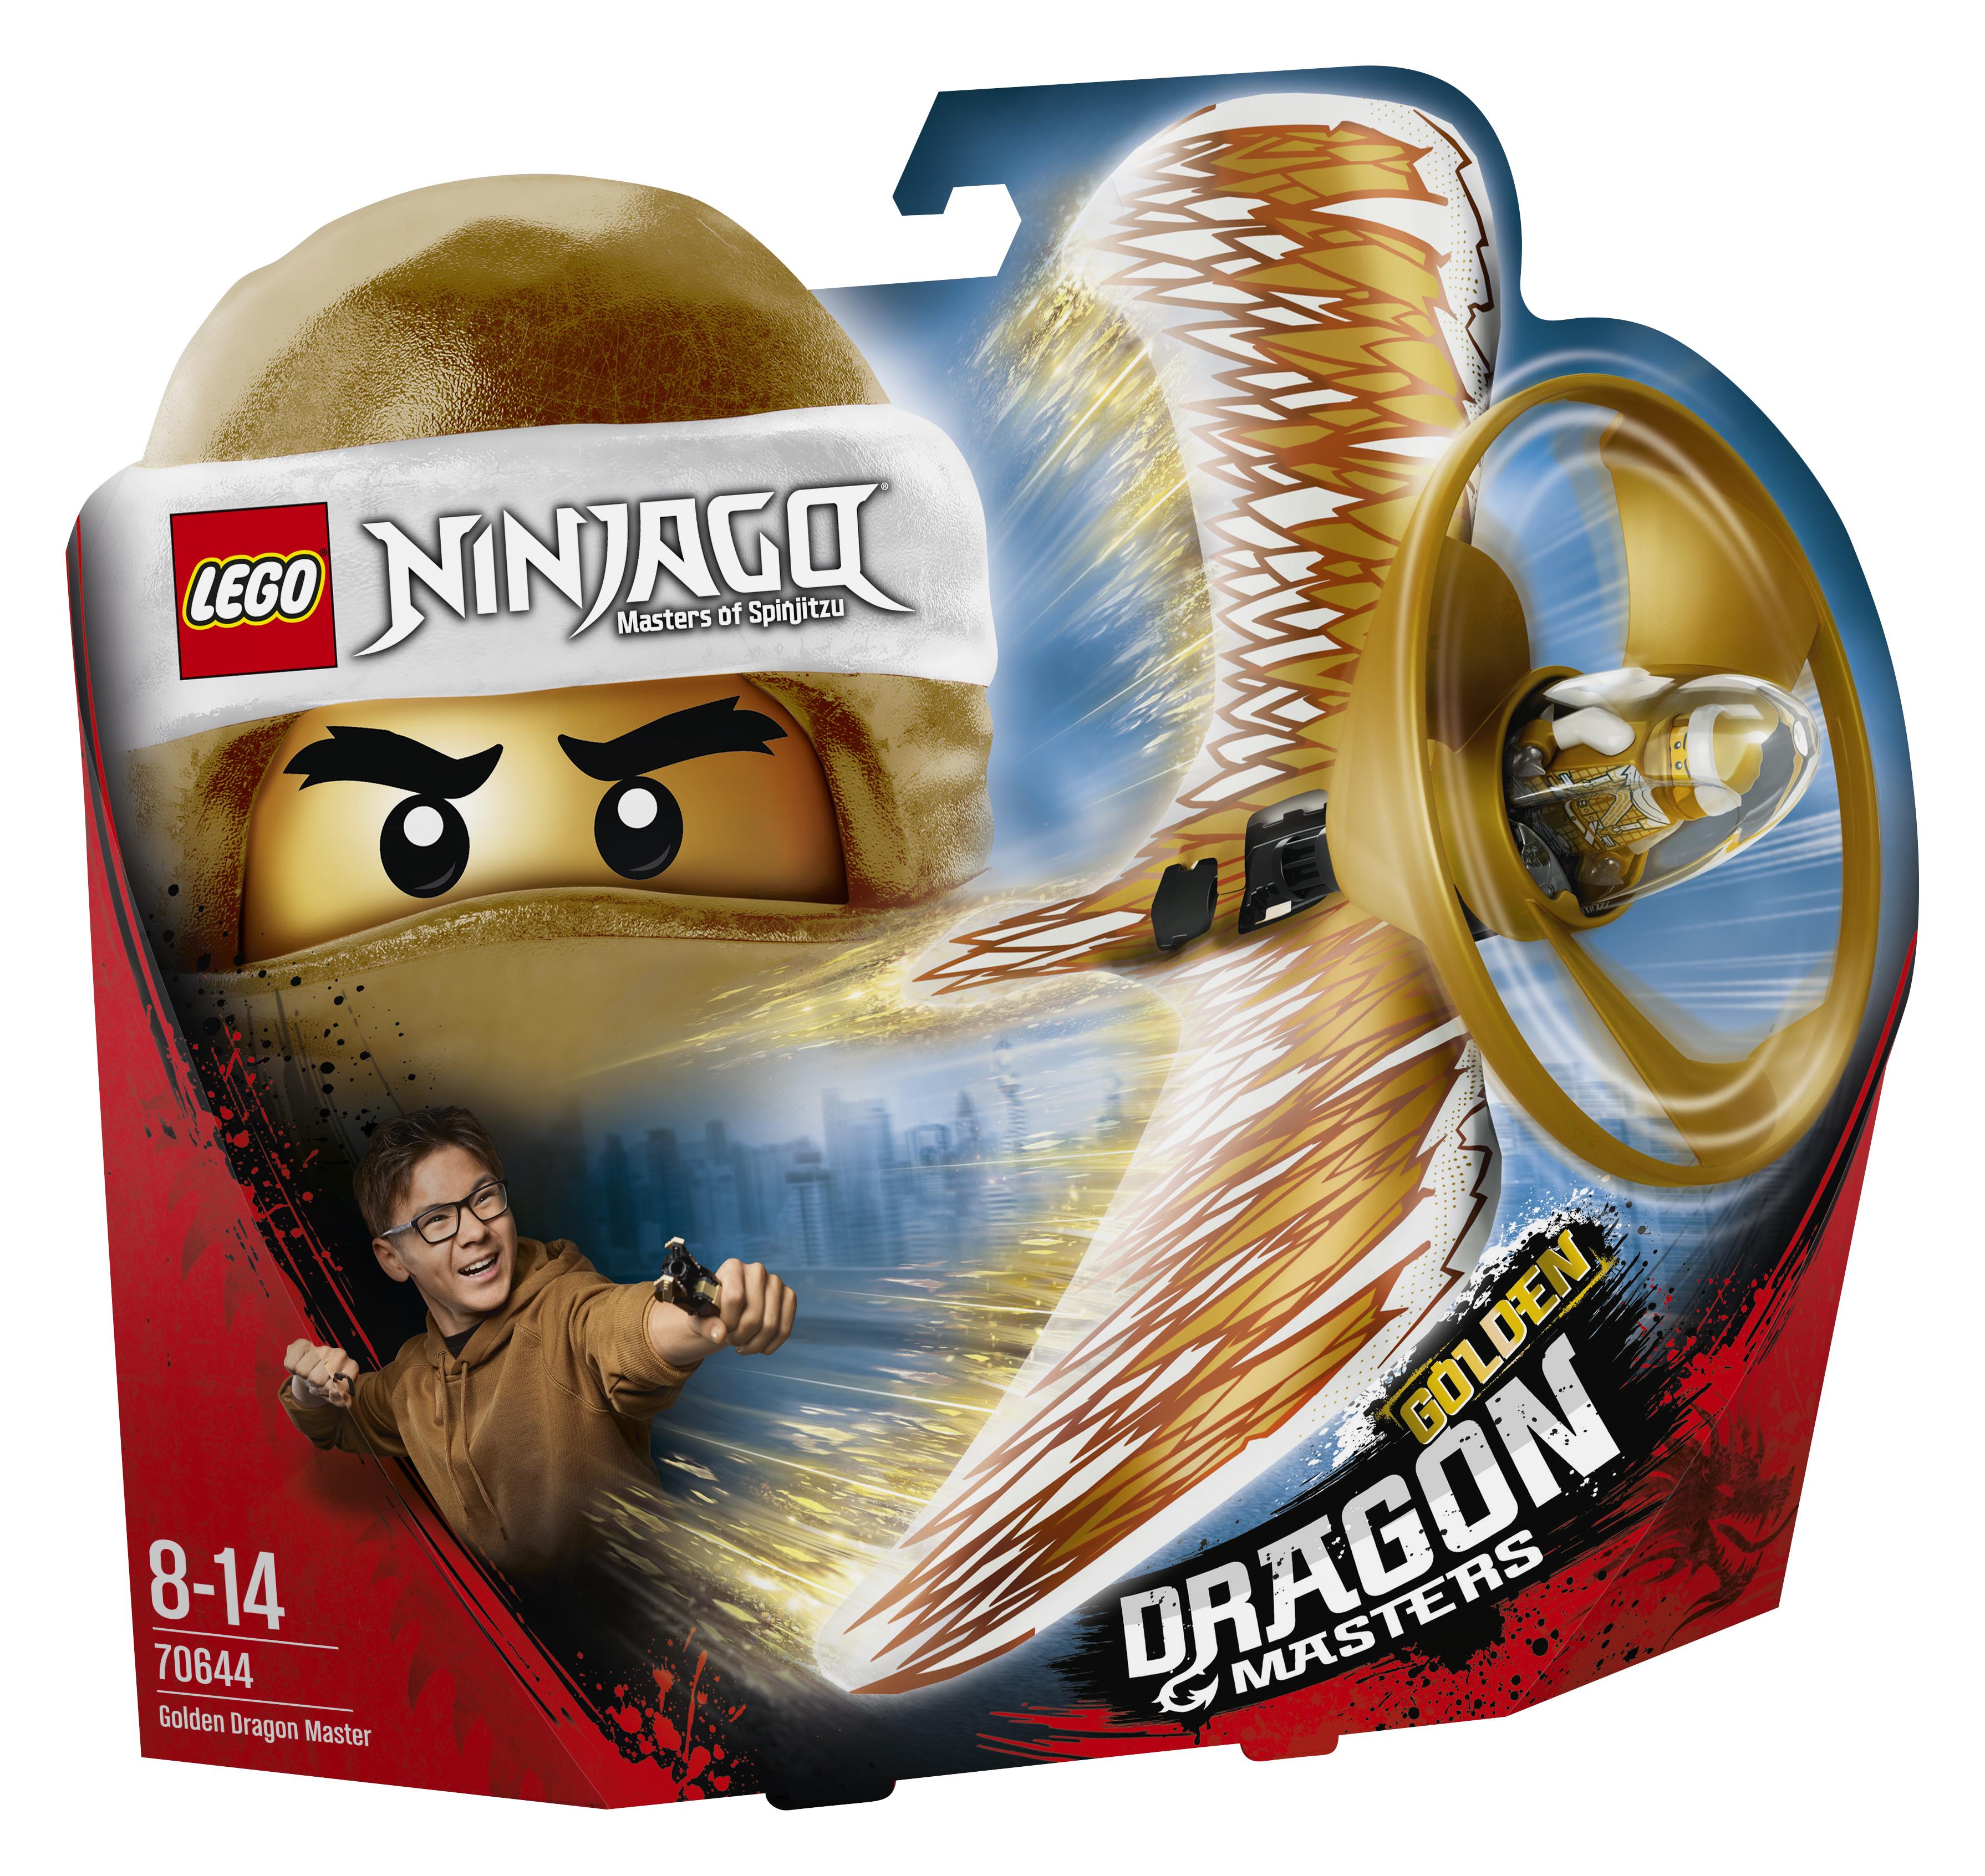 LEGO LEGO Конструктор LEGO Ninjago 70644 Мастер Золотого дракона